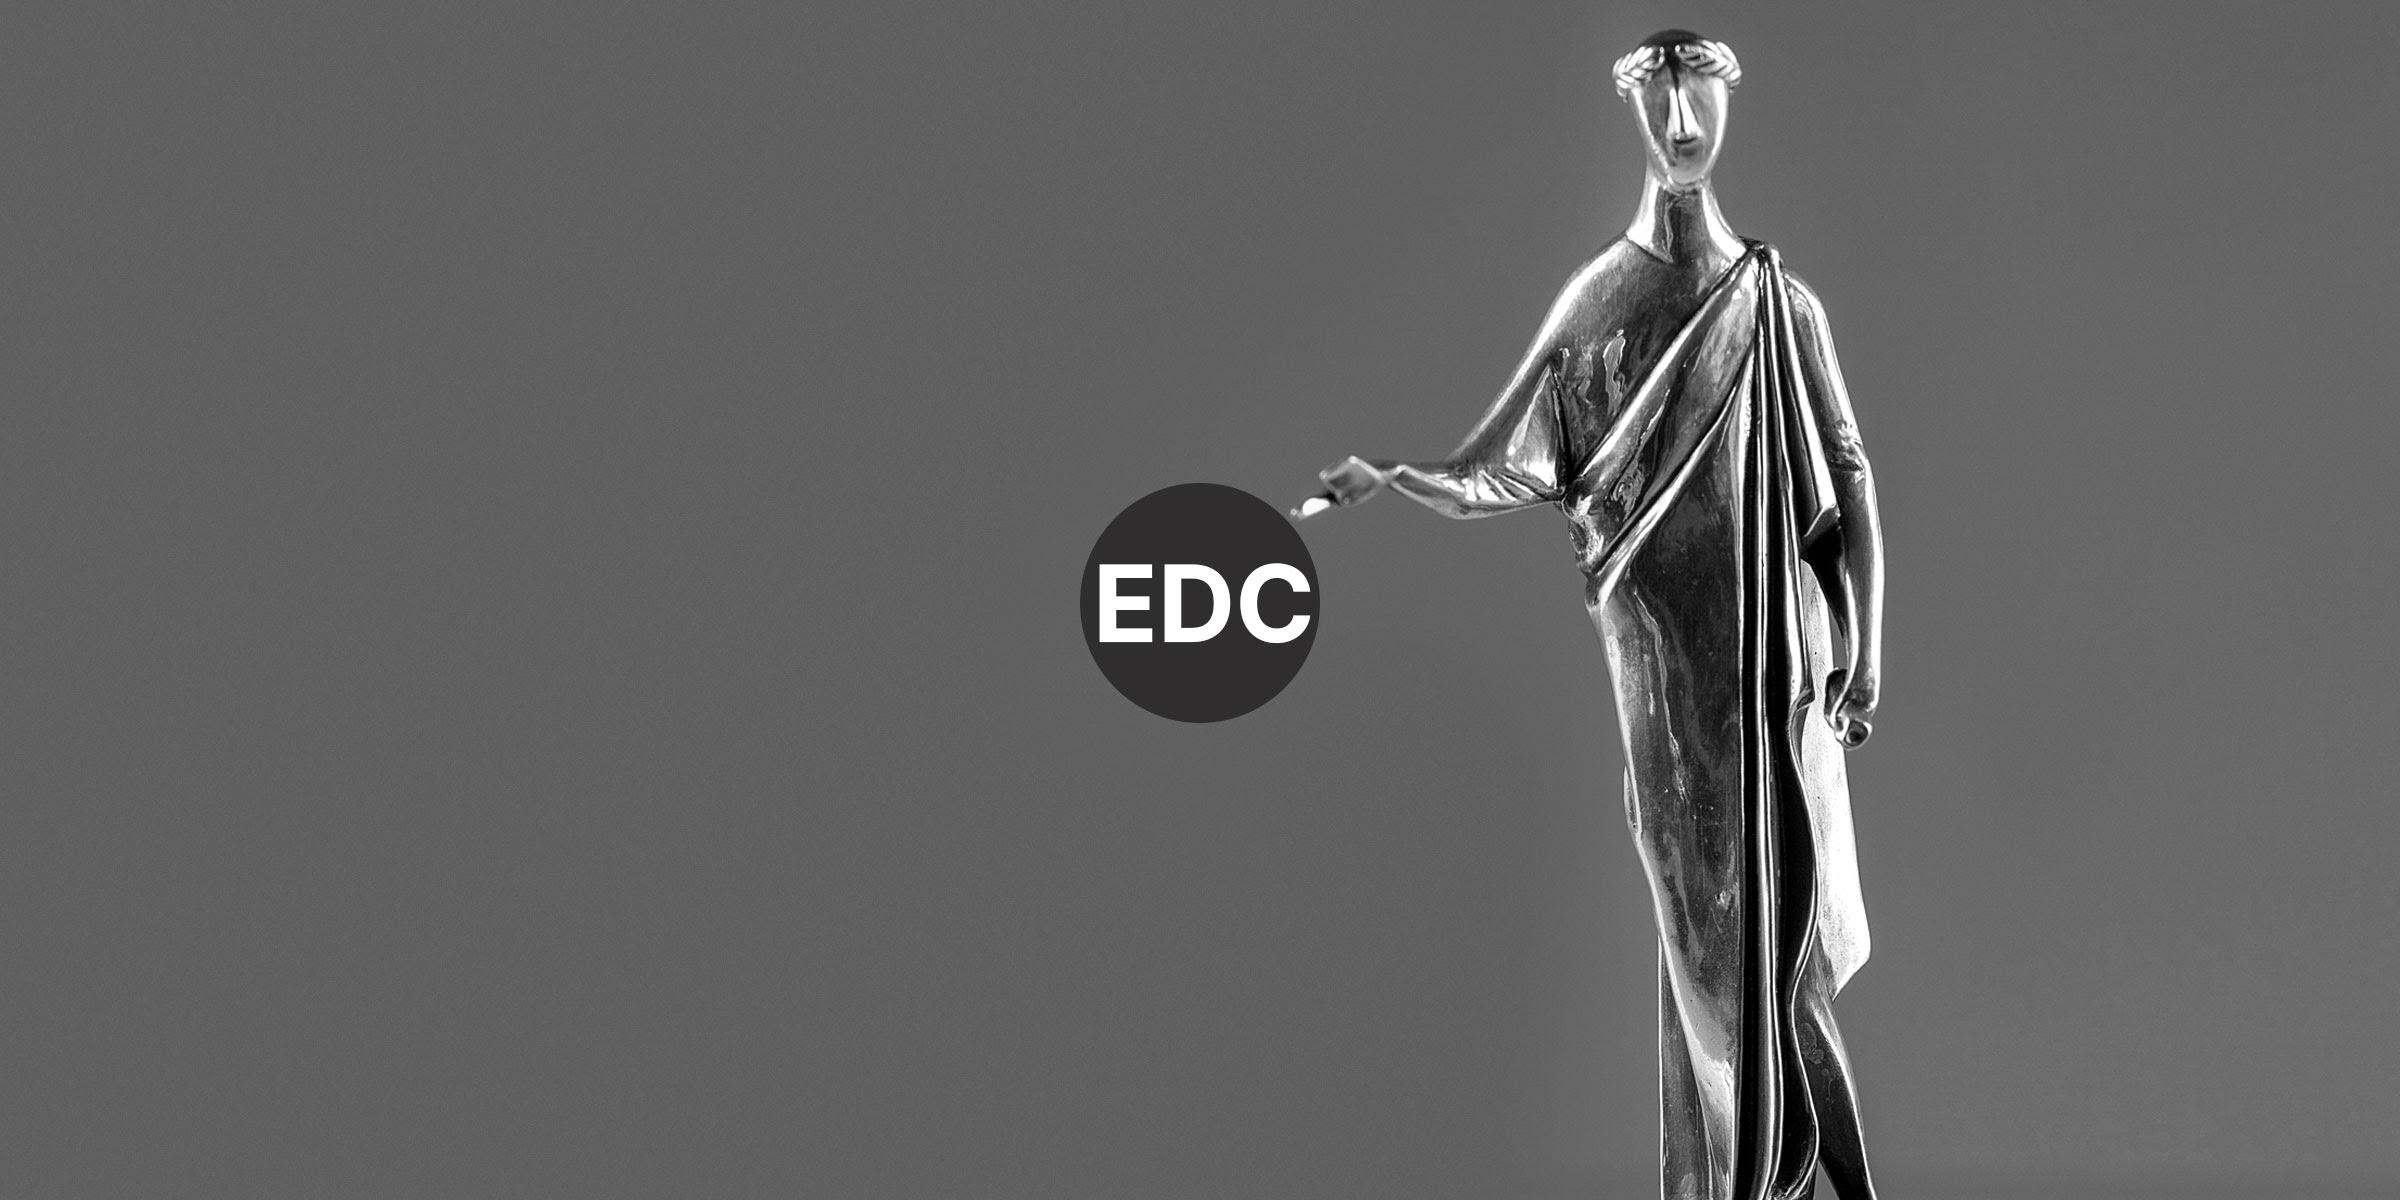 документальні фільми ОМКФ 2020